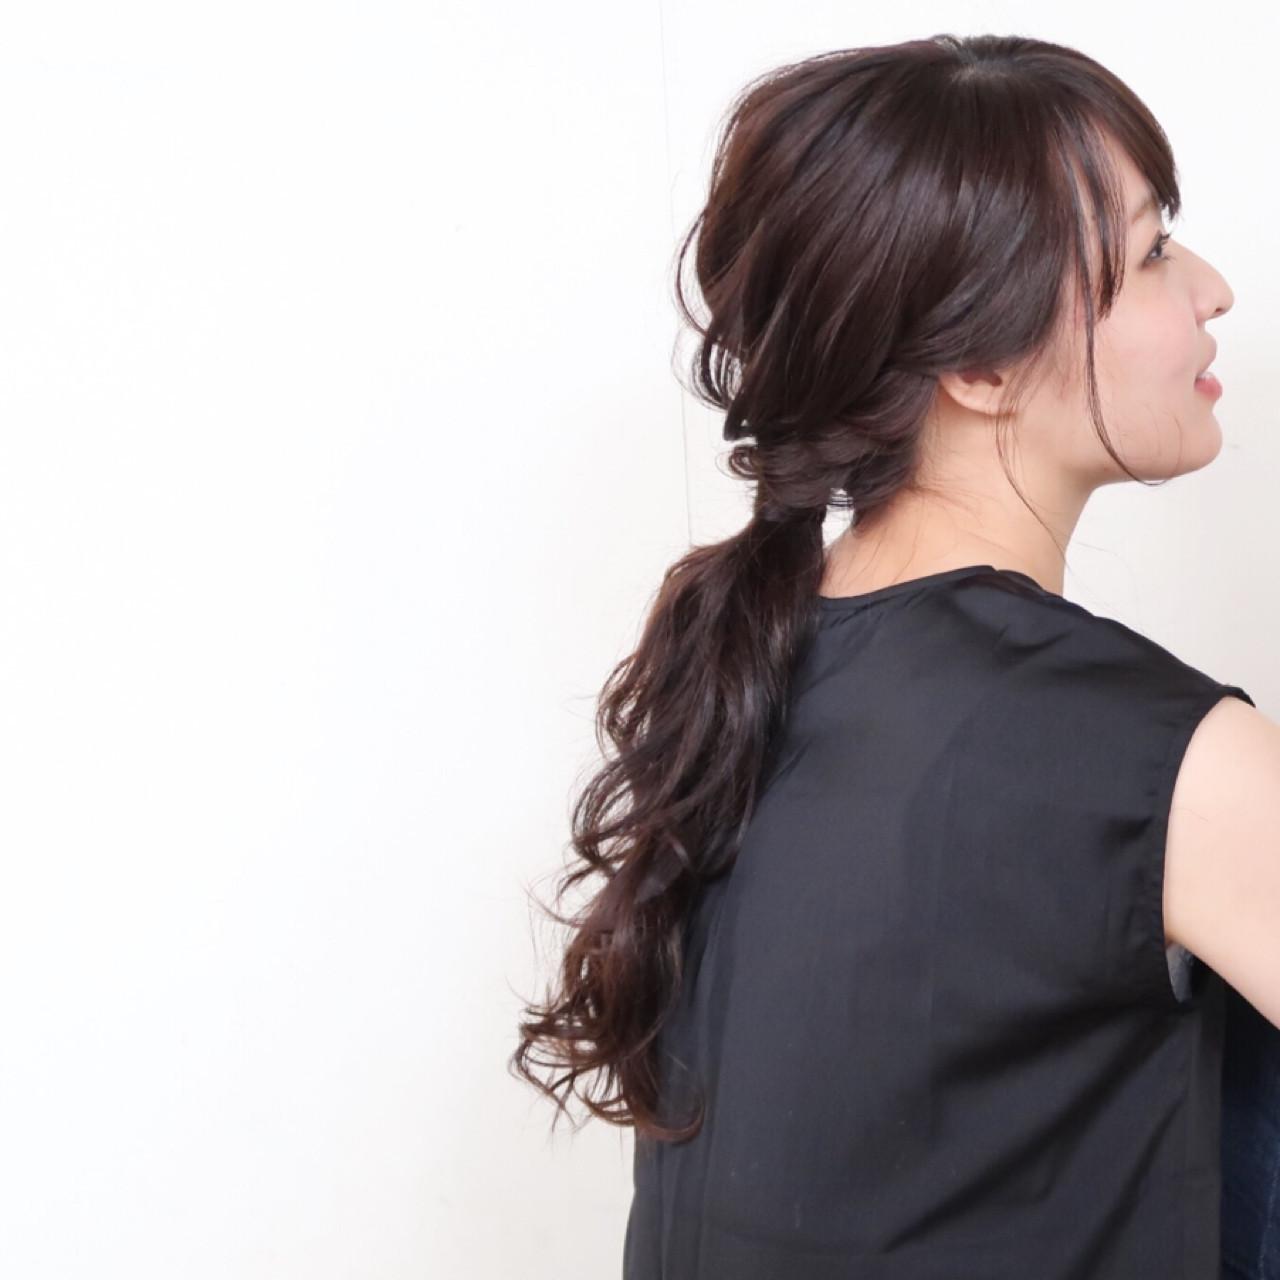 コンサートに行くならこの髪型!イベントがもっと楽しくなるヘアアレンジ集 平川 元気